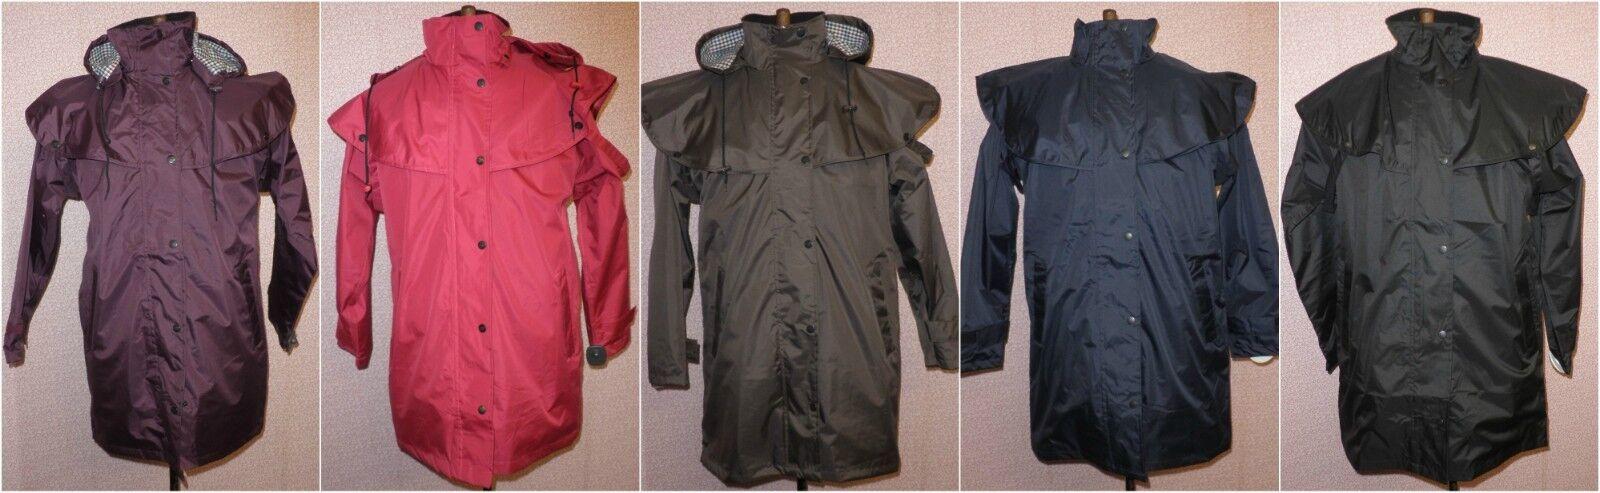 Ladies TENUTA DI CAMPAGNA Windsor 34 lunghezza cappotto impermeabile varie taglie e Coloreeei